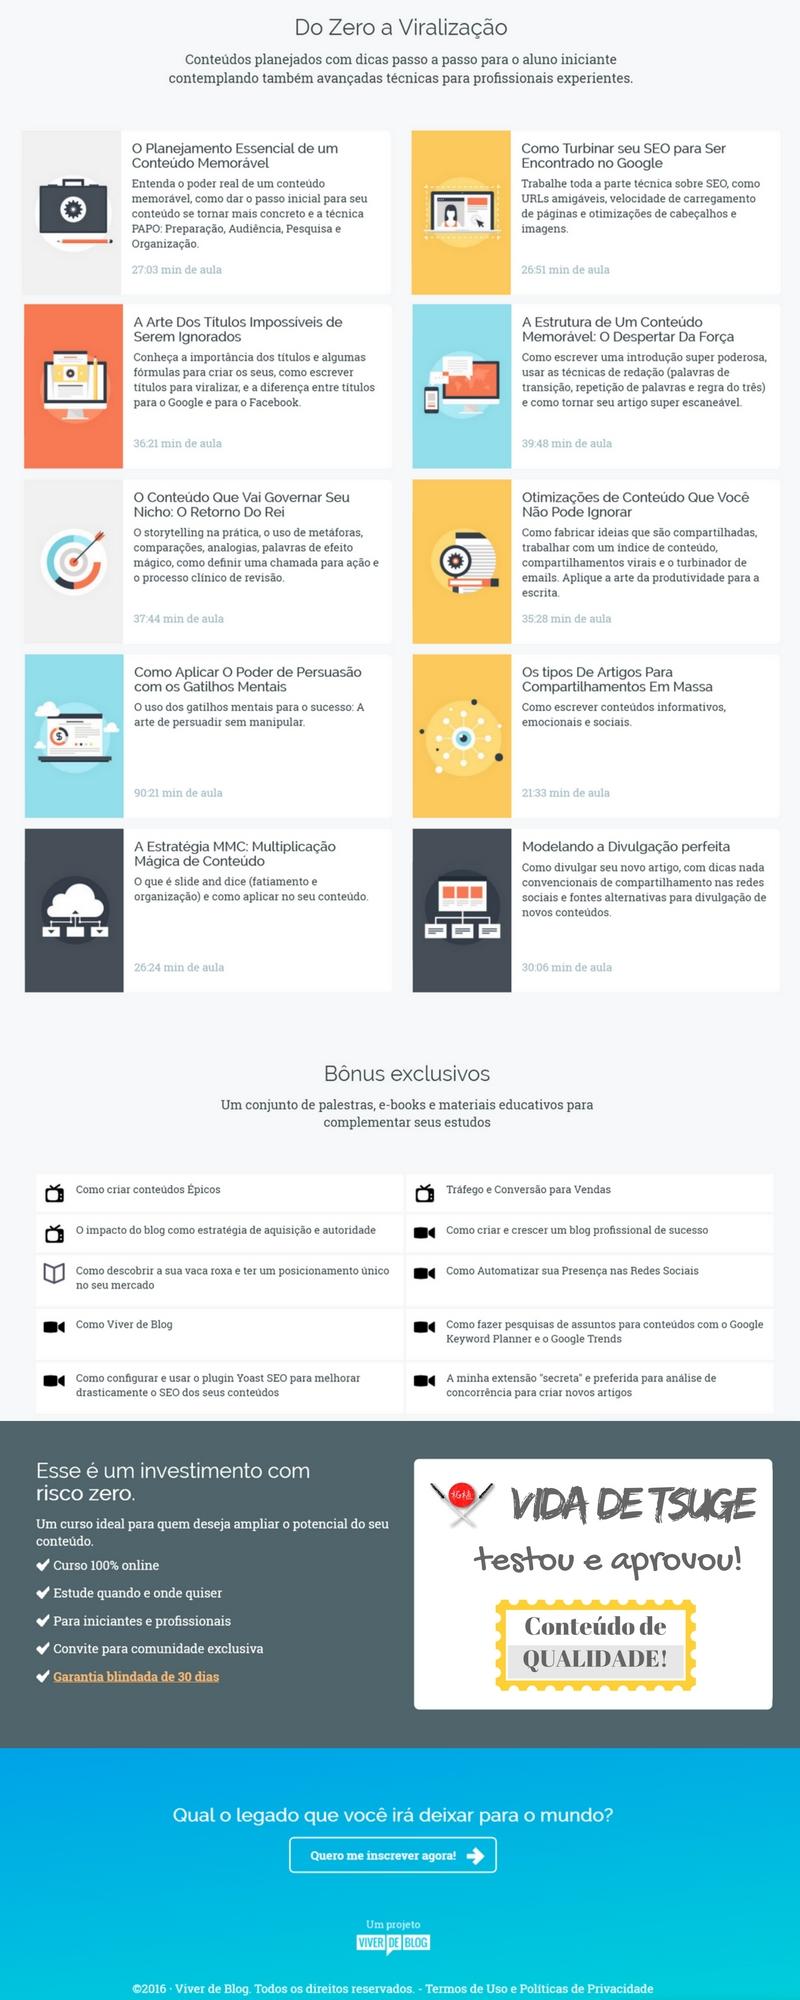 Viver de blog - Infográfico do curso